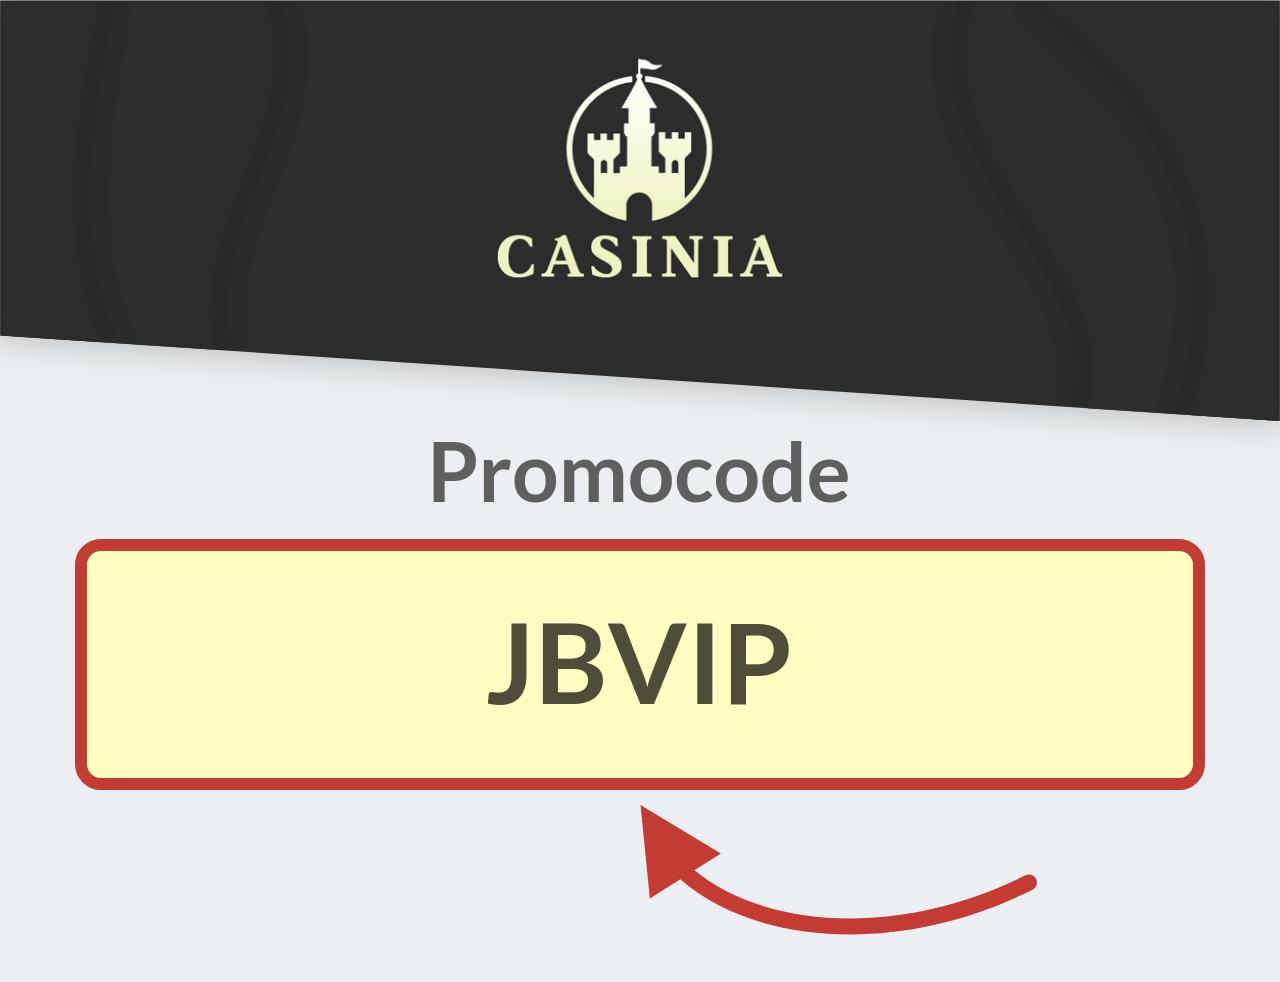 Casinia Casino Promotivni Kod